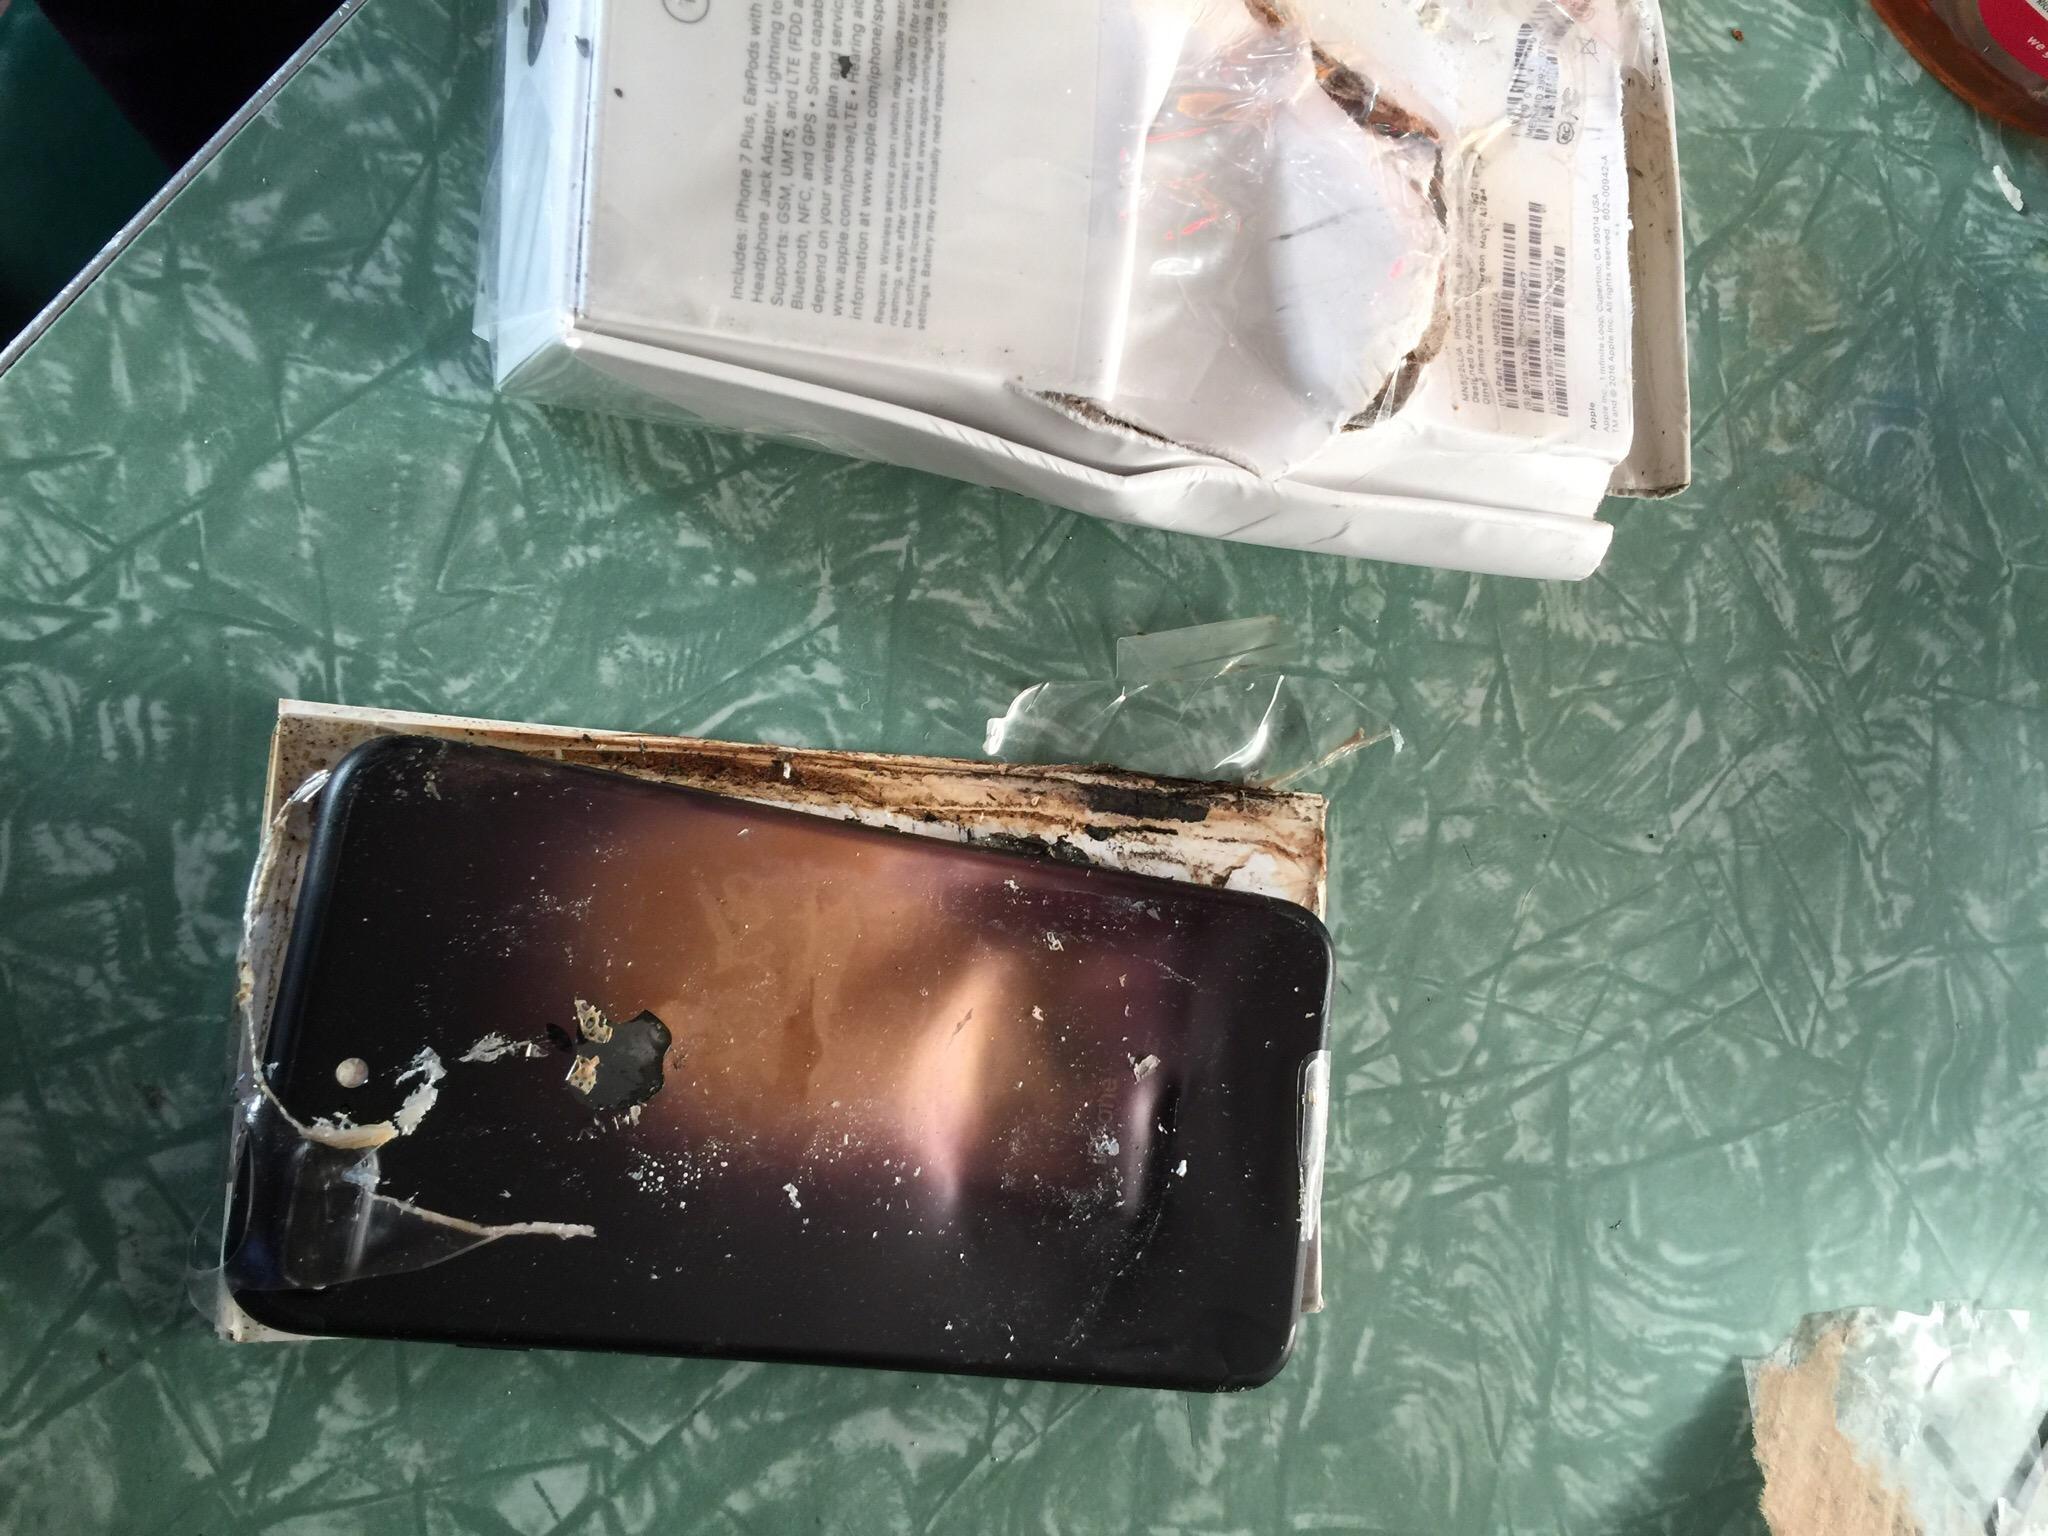 Patlayan iPhone 7 ile Alakalı Yeni Fotoğraflar ve Detaylar